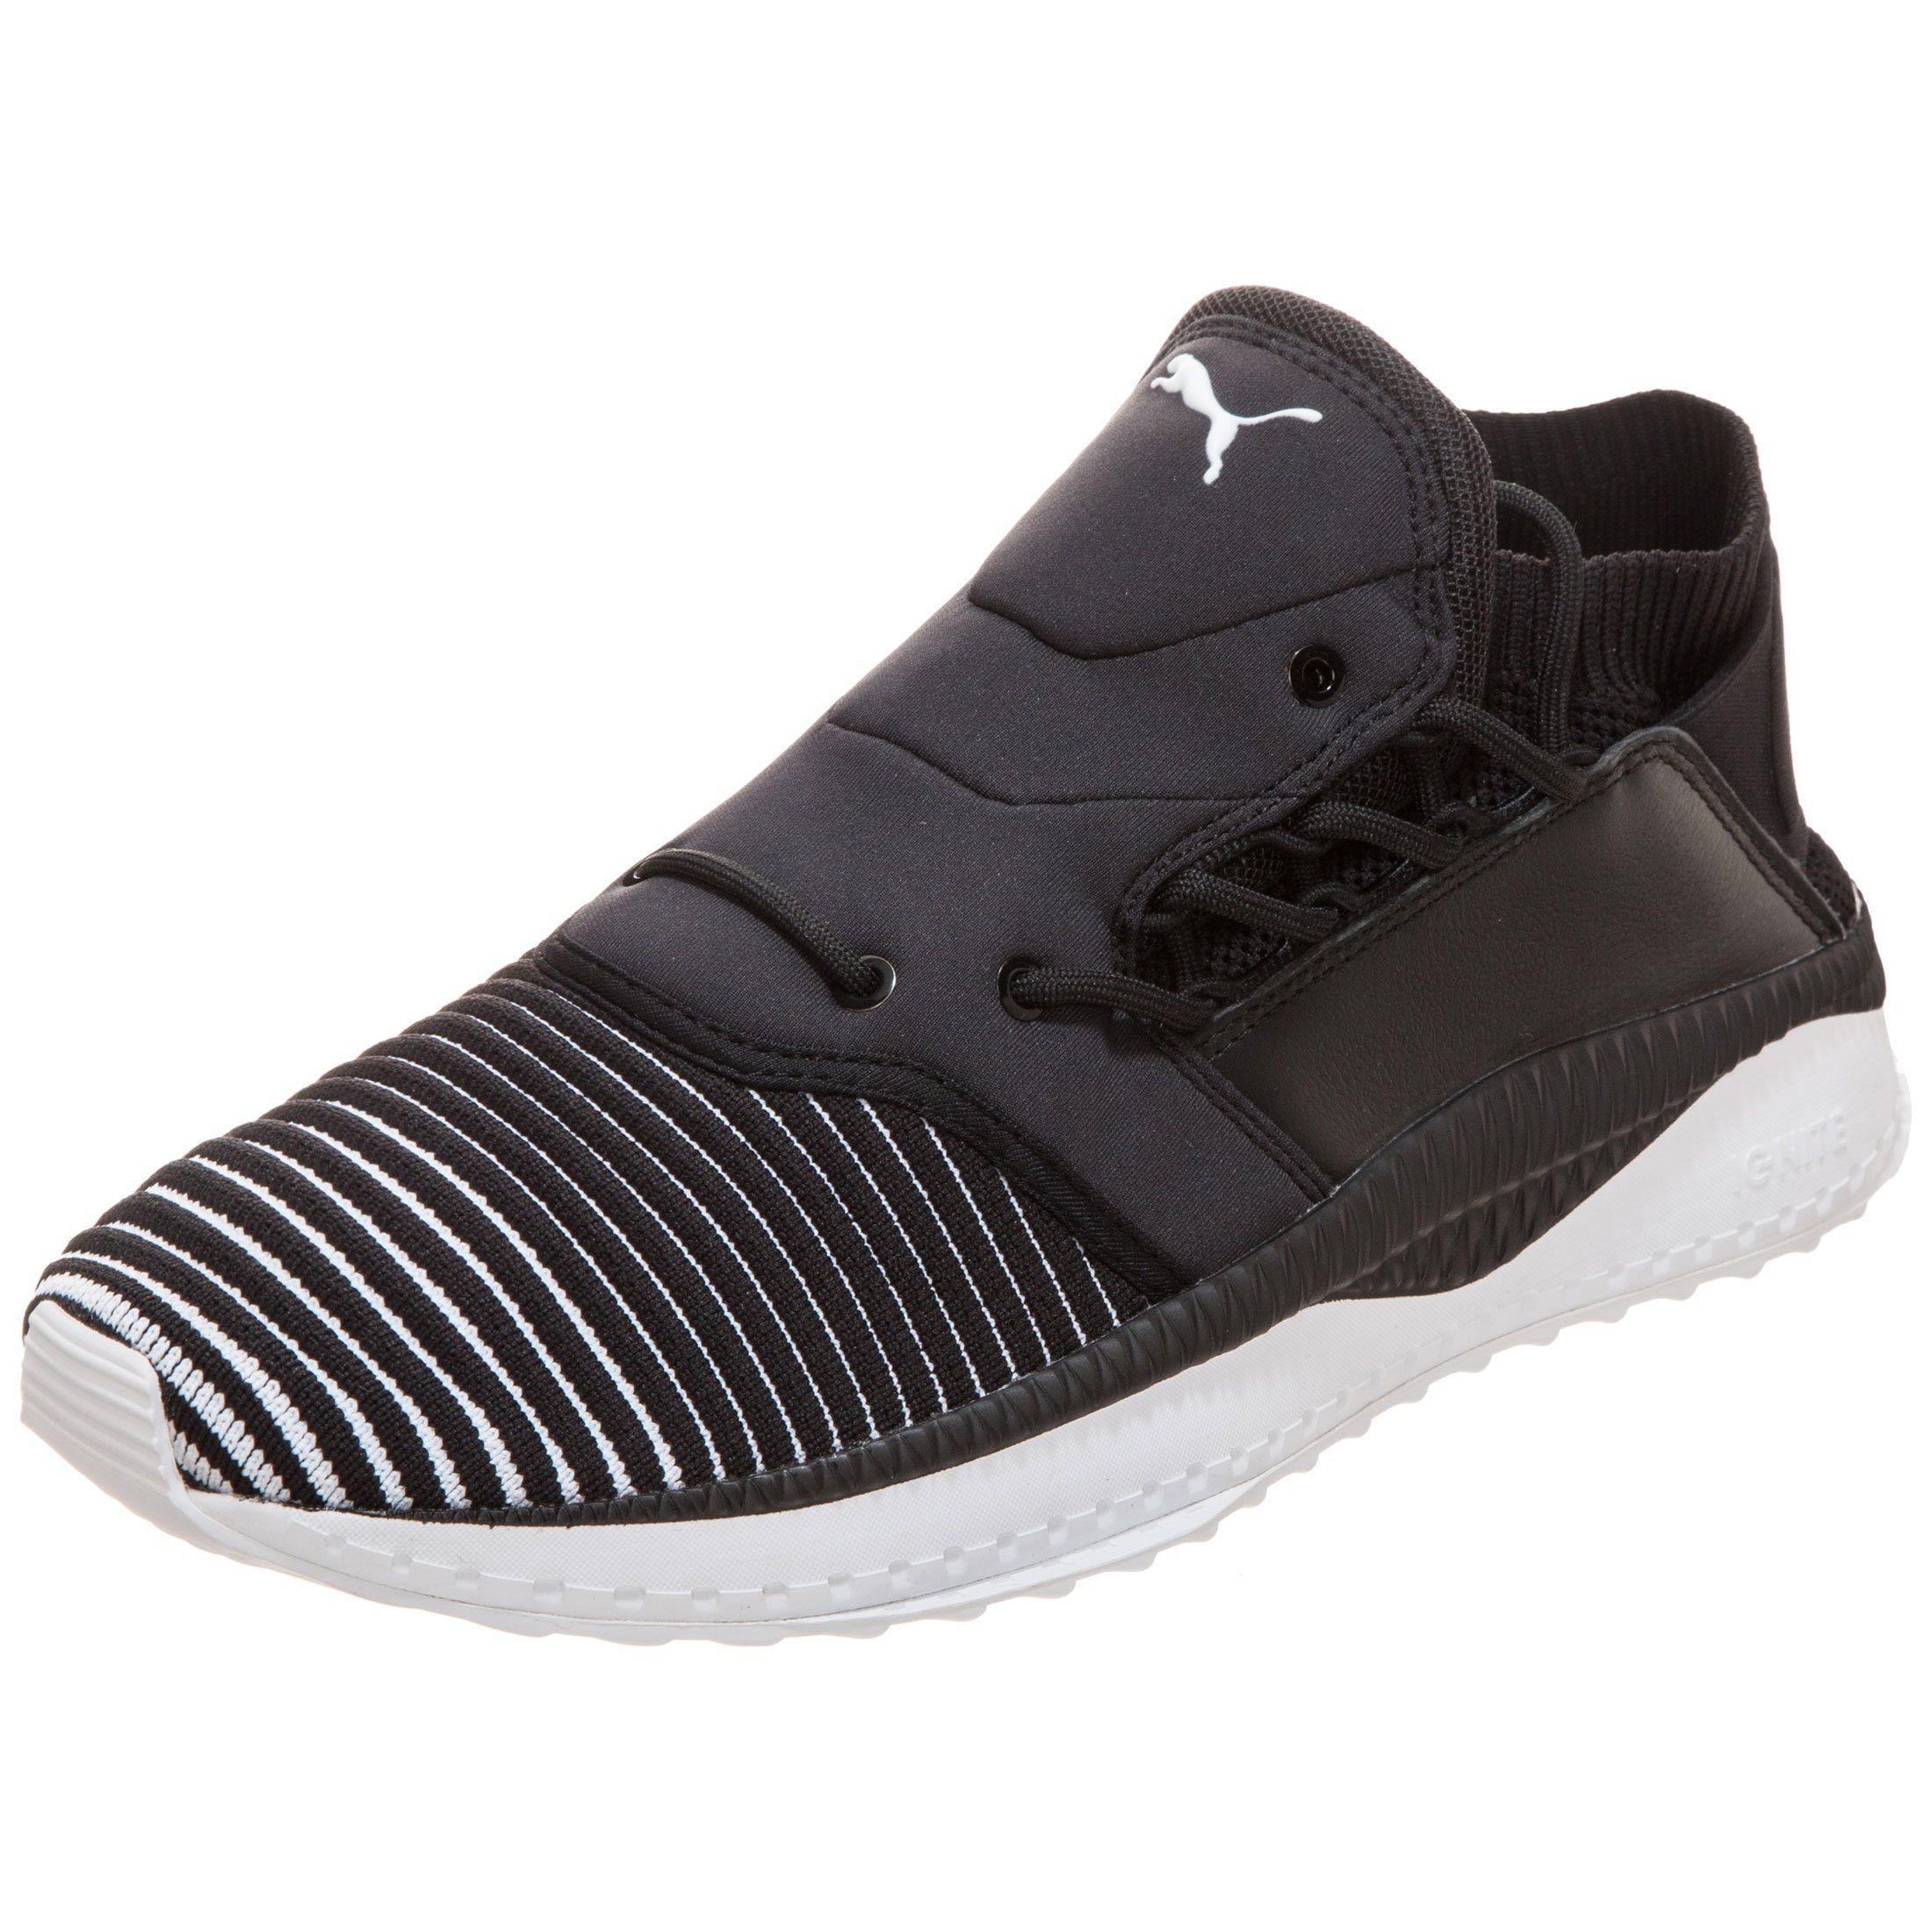 PUMA Sneaker Tsugi Shinsei Evoknit gnstig kaufen | Gutes lohnt Preis-Leistungs-Verhältnis, es lohnt Gutes sich 25b69d